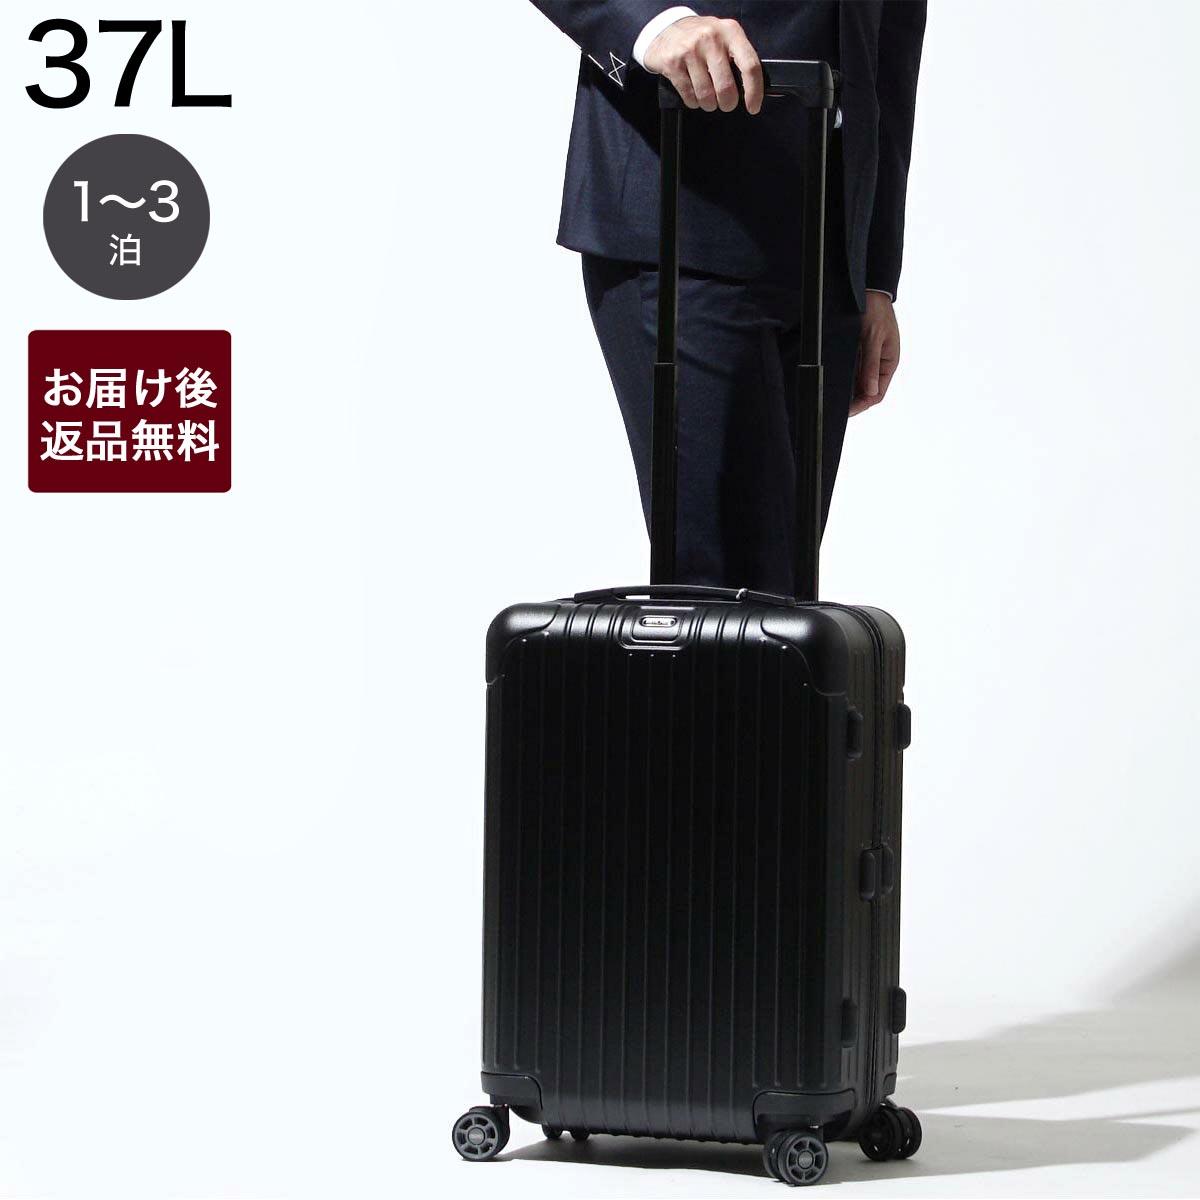 リモワ RIMOWA スーツケース キャリーケース ブルー メンズ レディースサルサ キャビン【返品送料無料】【181106】【あす楽対応_関東】